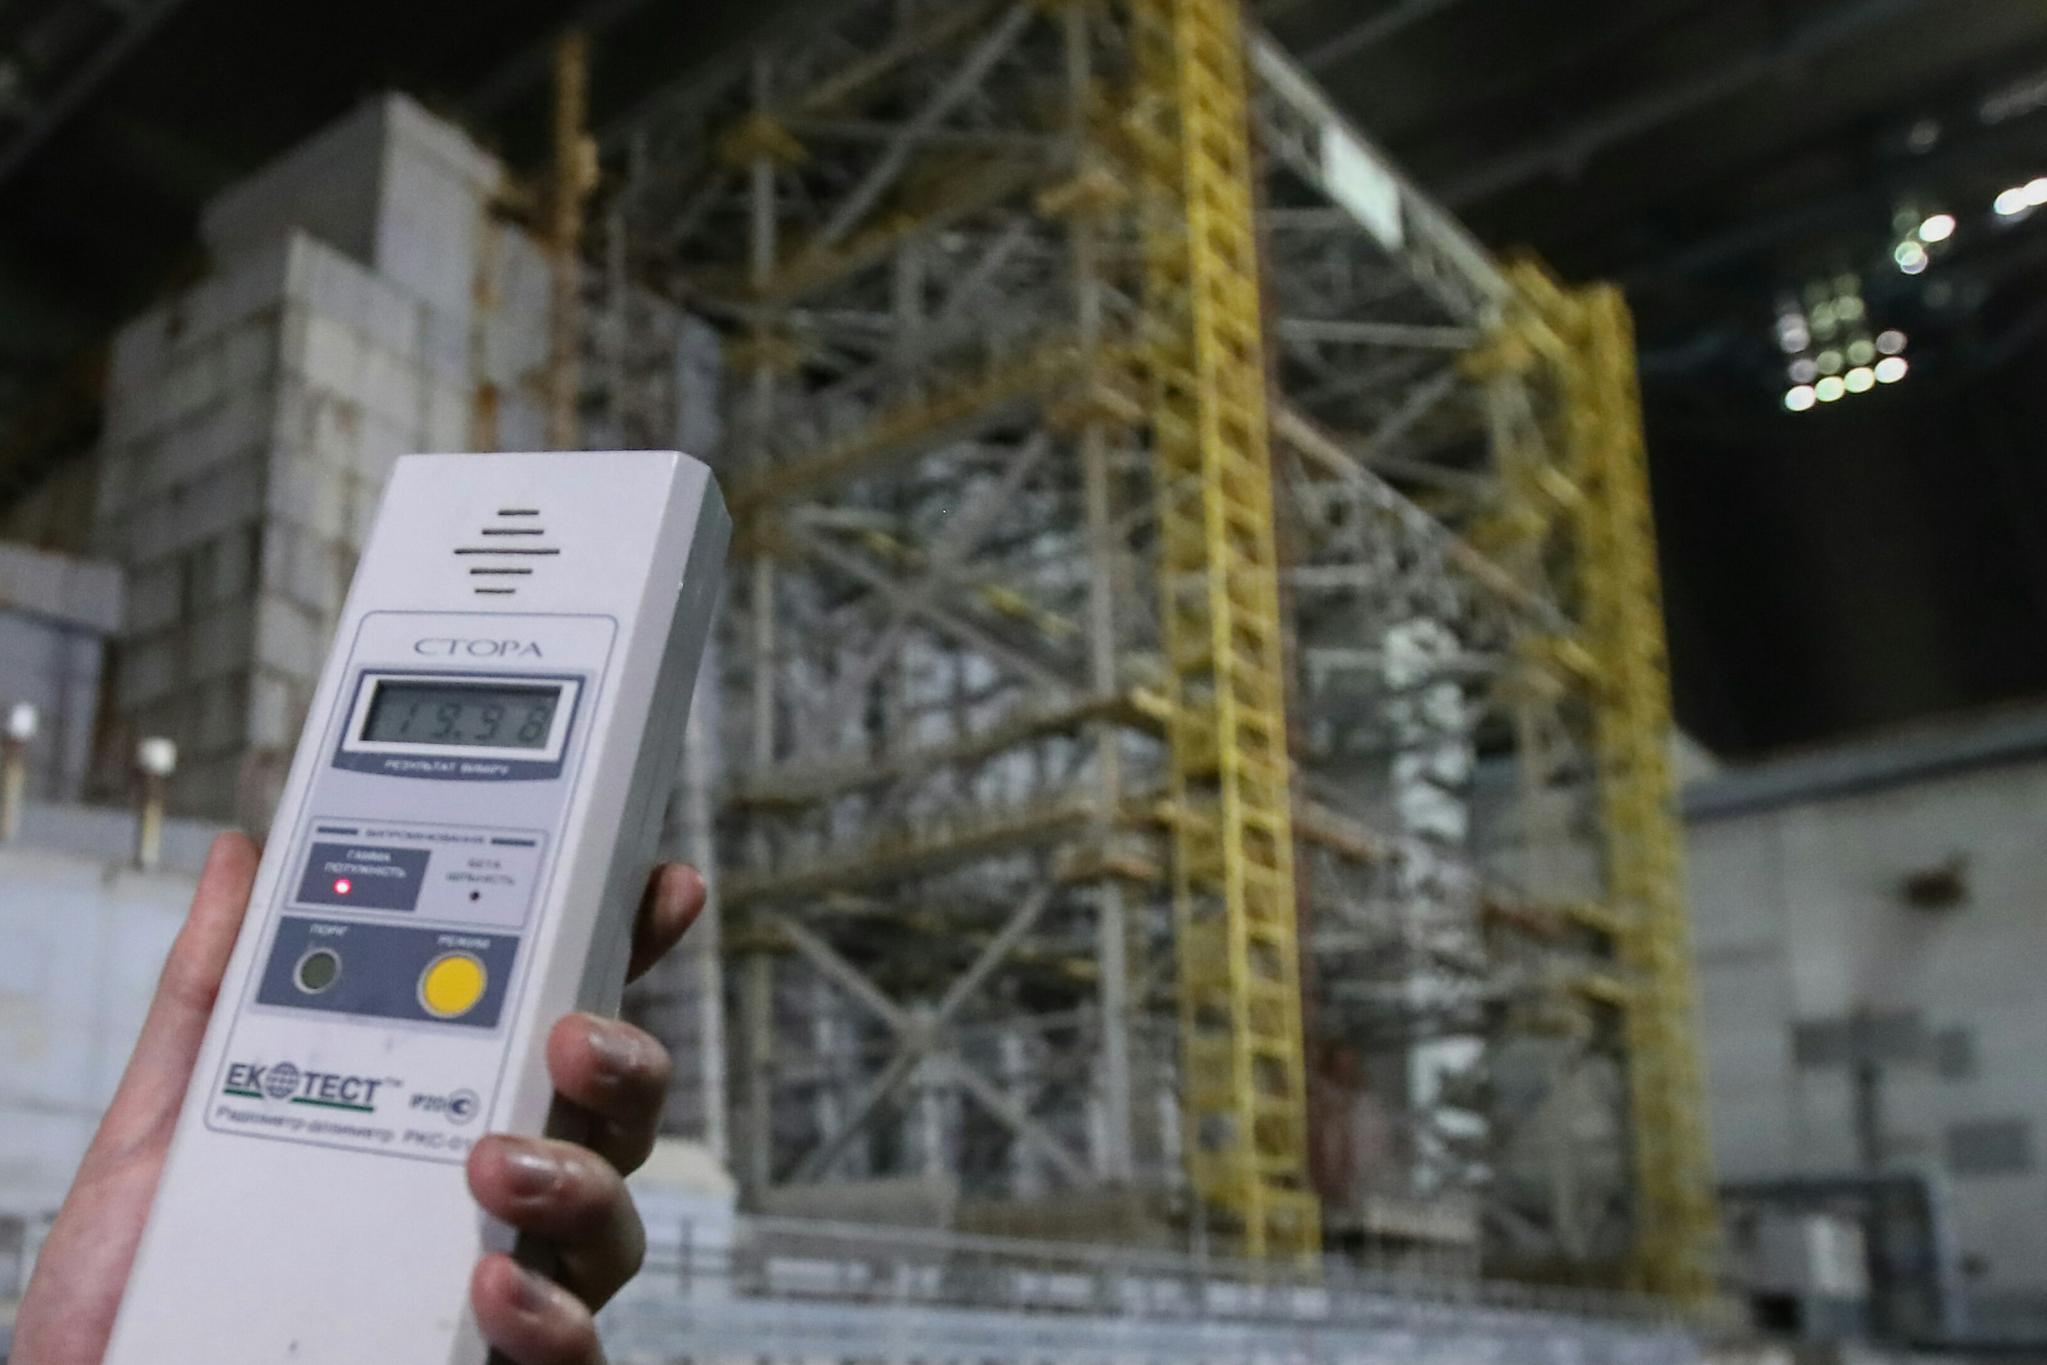 한 사람이 새롭게 설치된 체르노빌 원전 철제 아치형 방호 덮개 내부에서 방사선을 측정하고 있다. 우크라이나는 10일(현지시간) 방호 덮개 운영에 들어갔다. [TASS=연합뉴스]